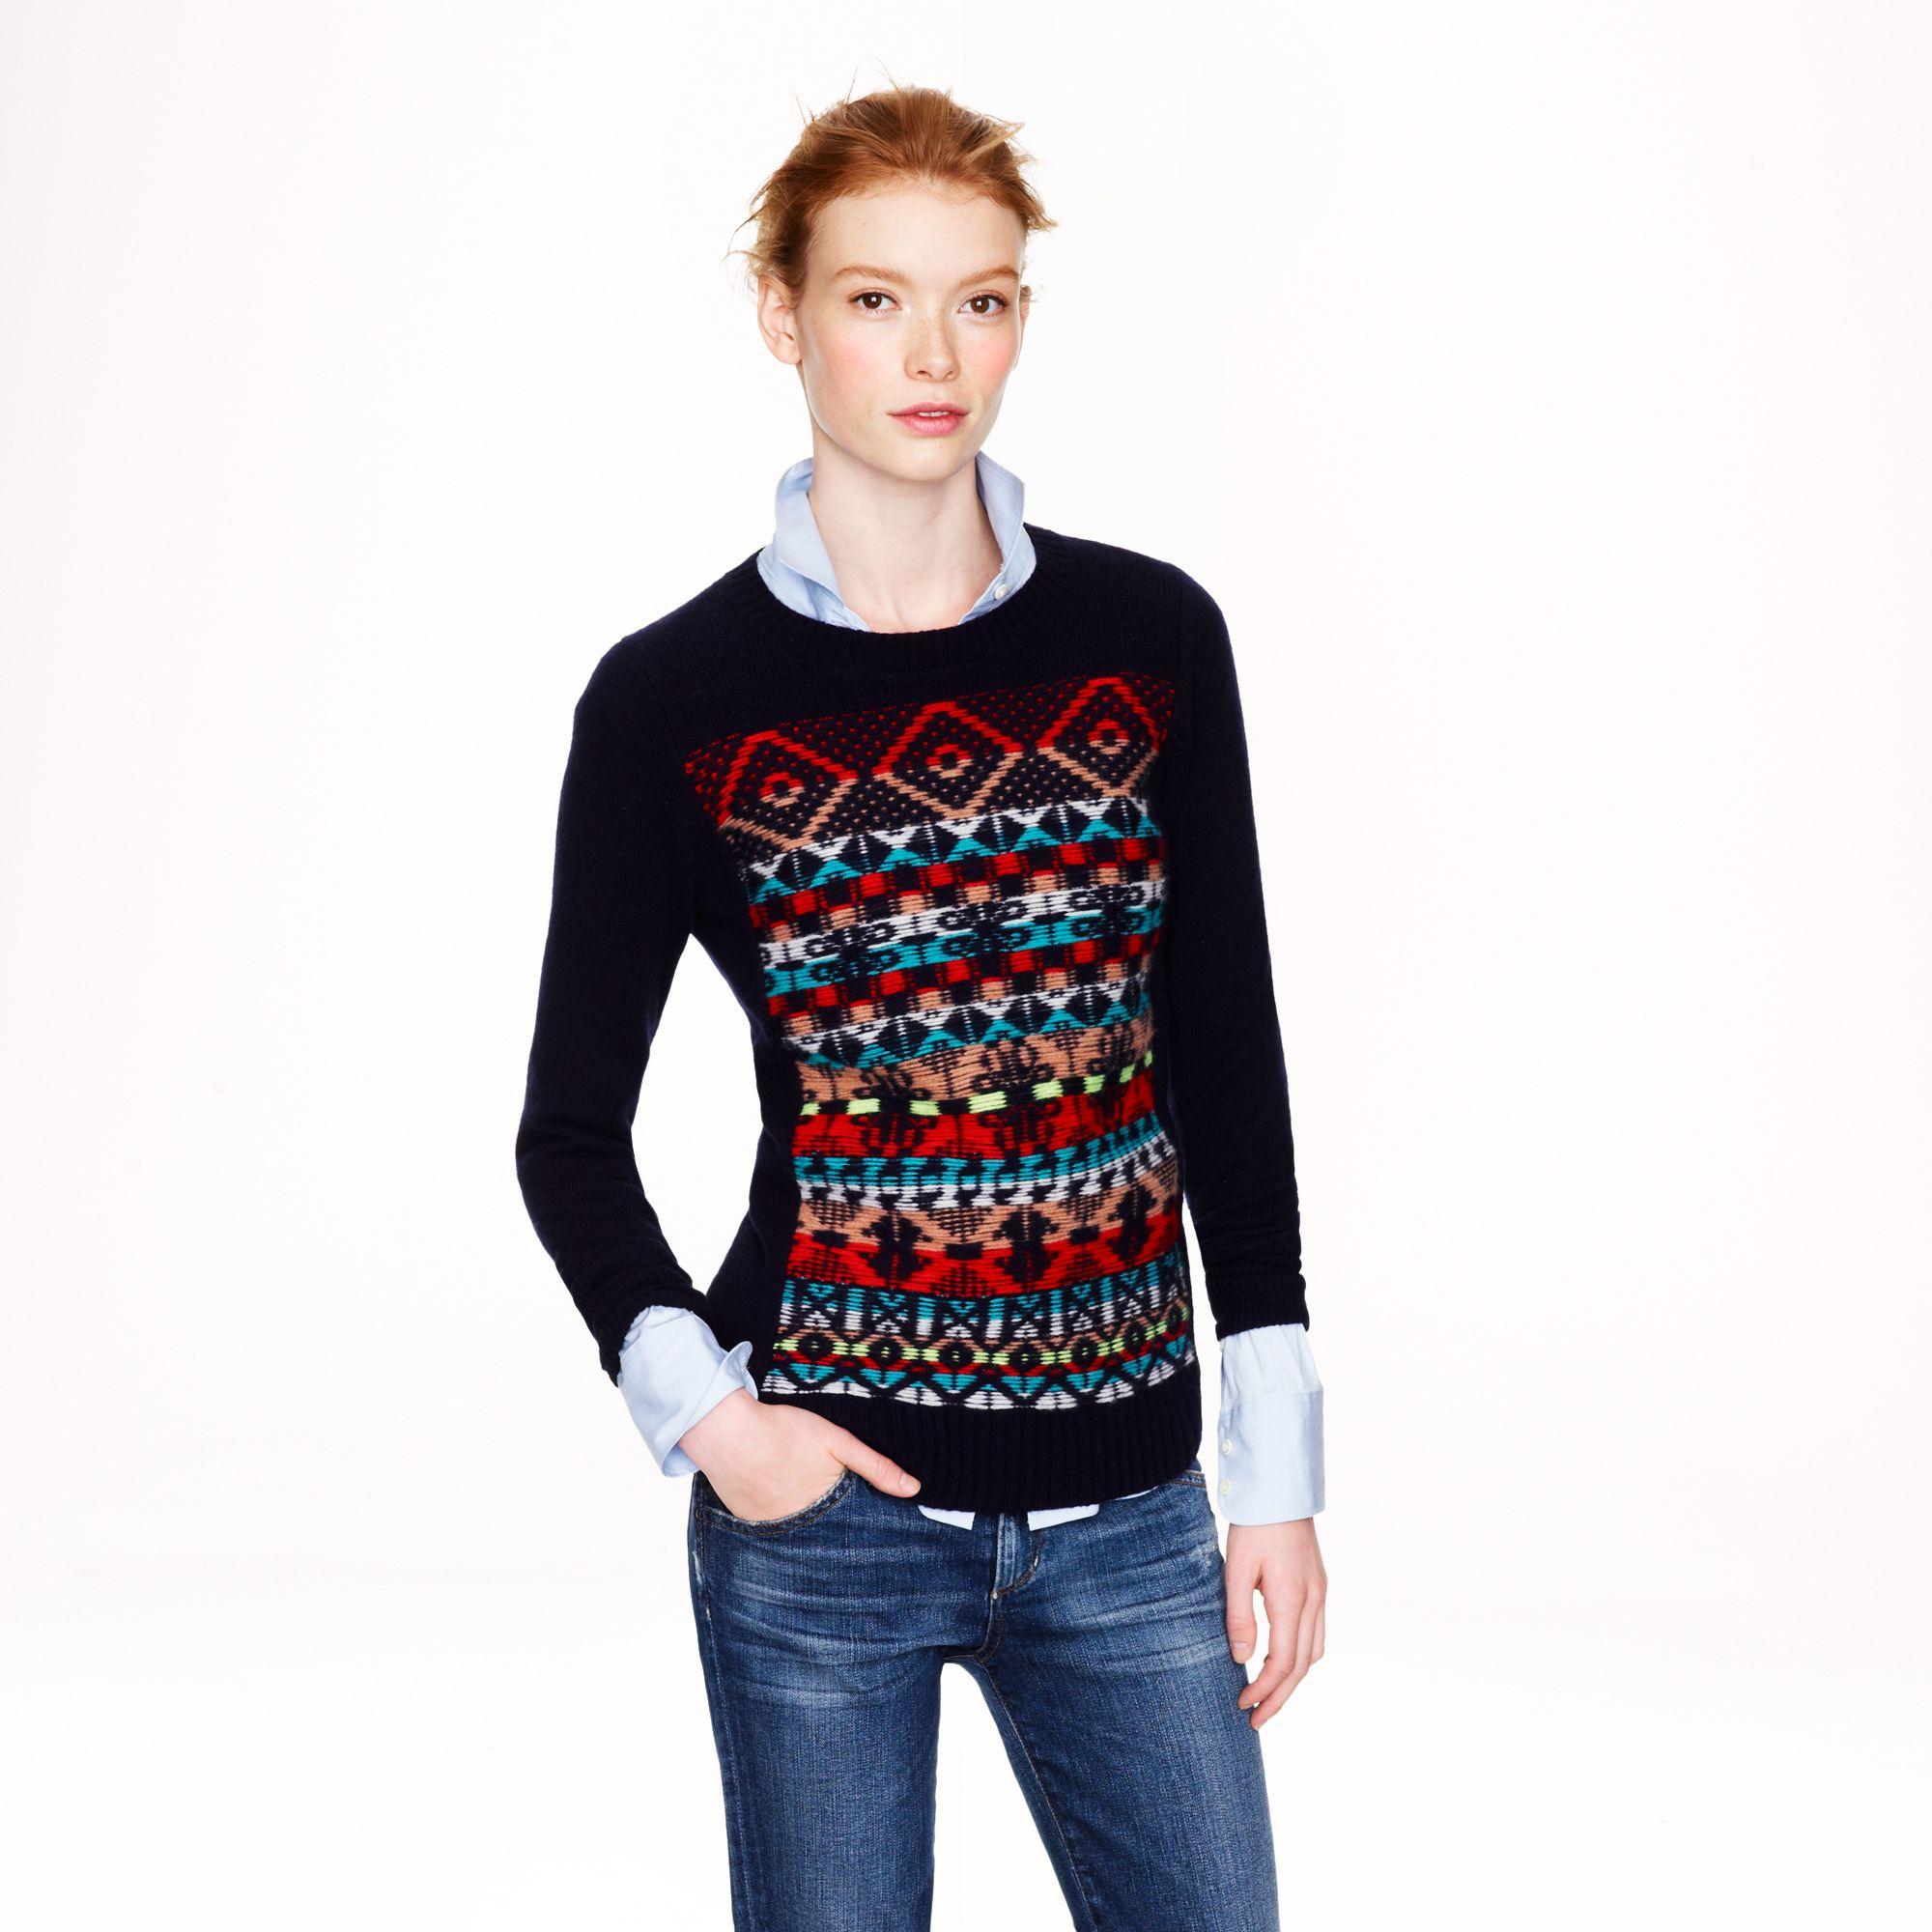 Jacquard stitch fair isle sweater in multicolor for Jcrew com